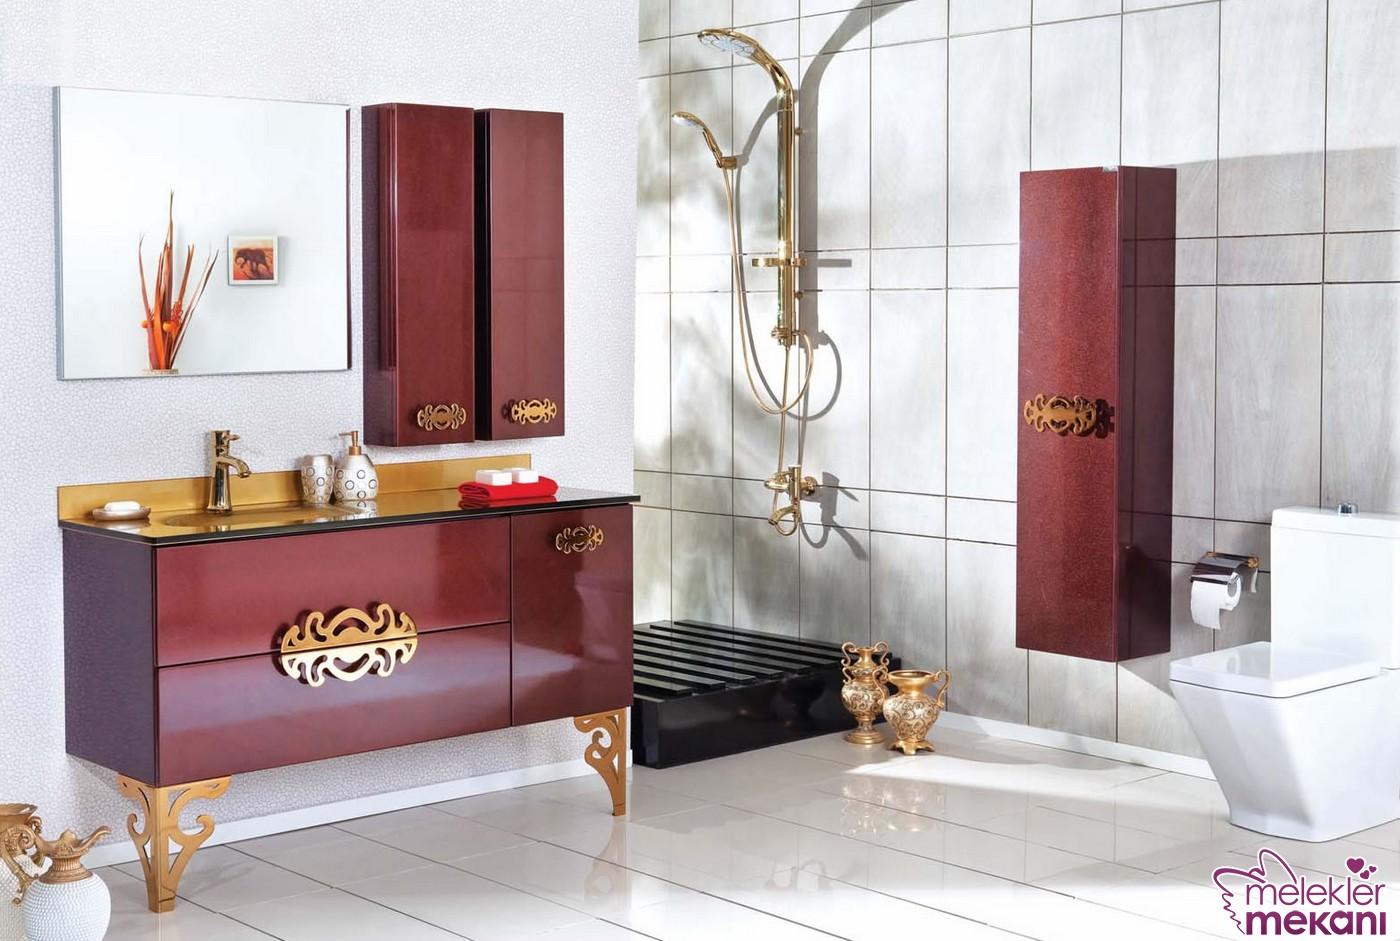 2016 sezonu avangarde banyo dolap modelleri arasında yer alan bordo renk koleksiyonundan faydalanabilirsiniz.